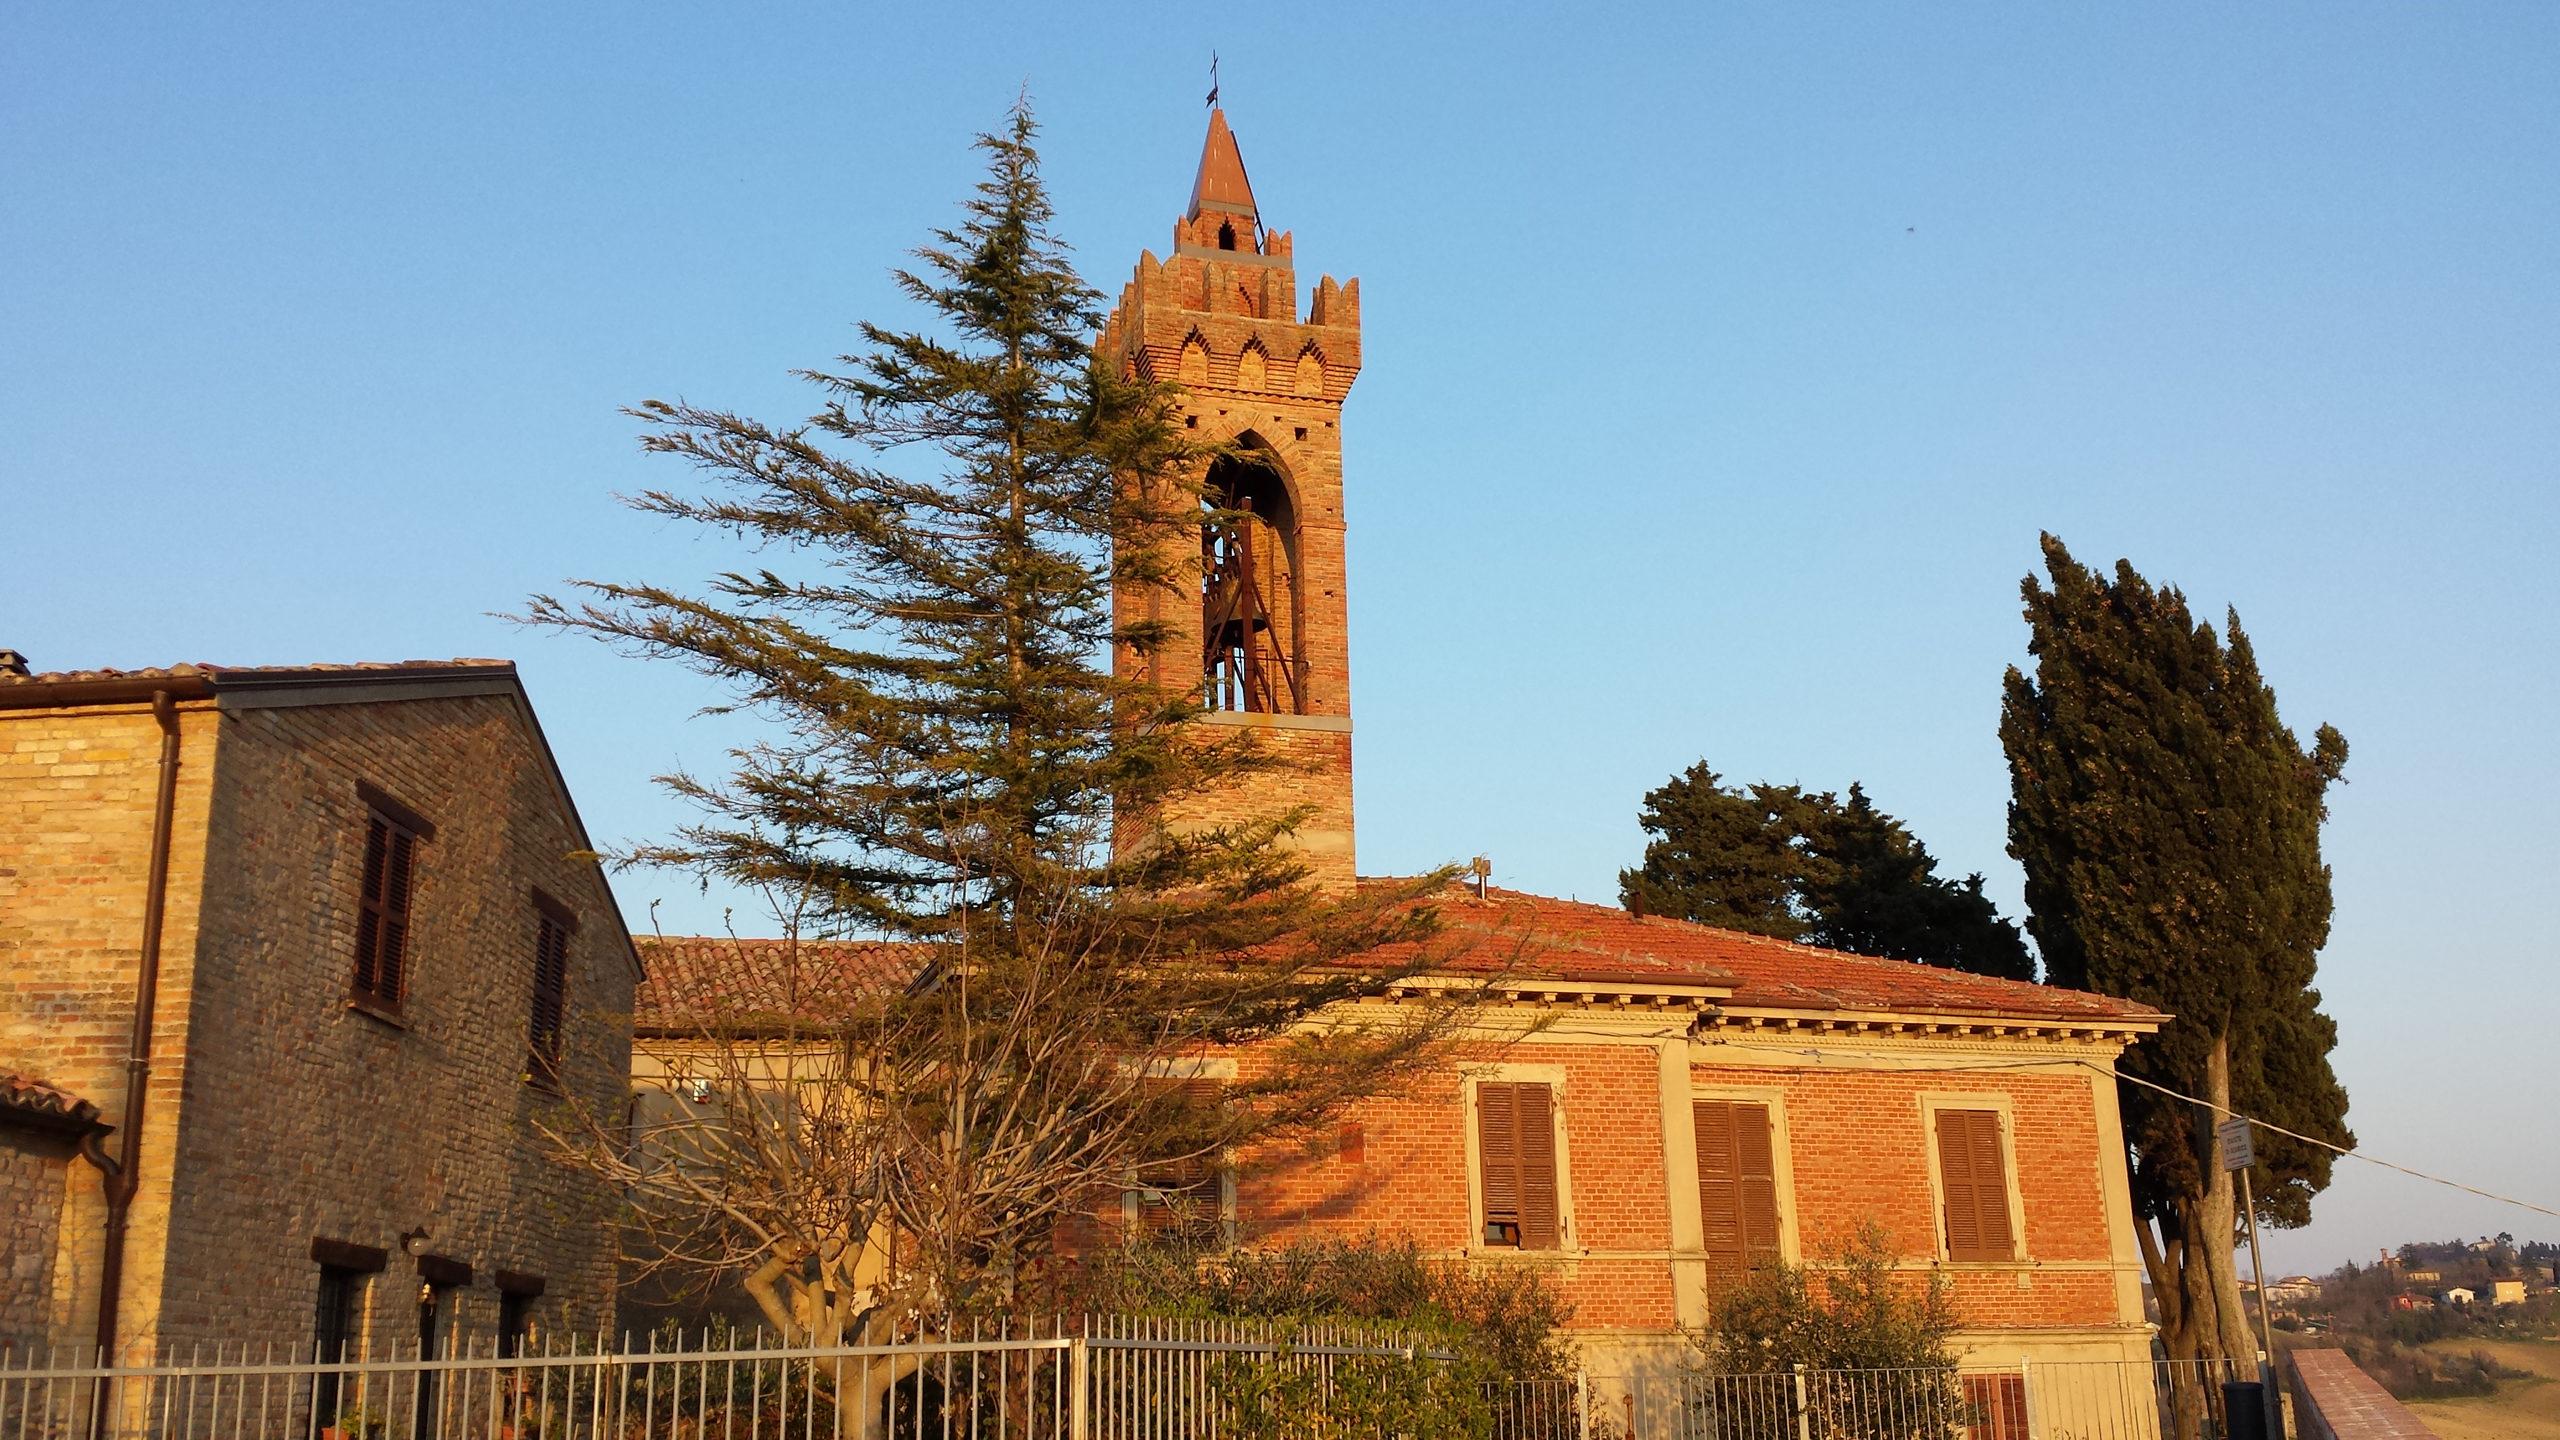 Campanile della chiesa di Farneto